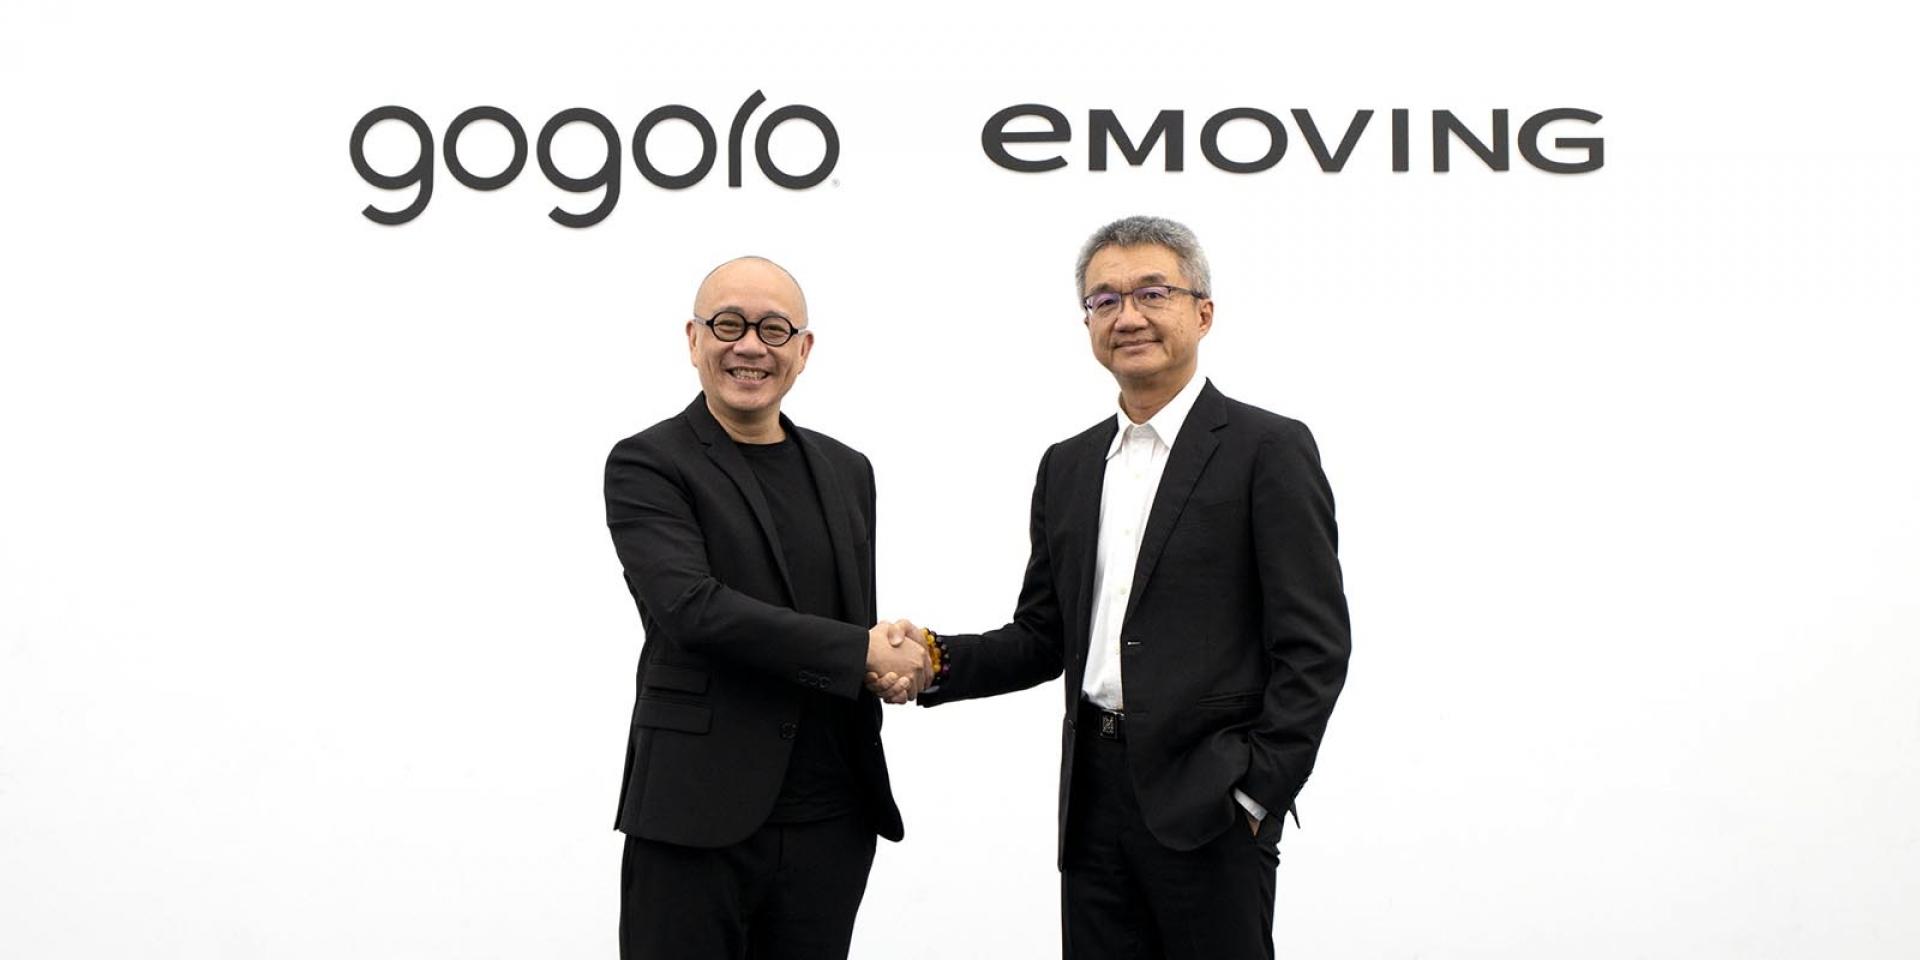 官方新聞稿。eMOVING與GOGORO合作  共創綠色移動新願景